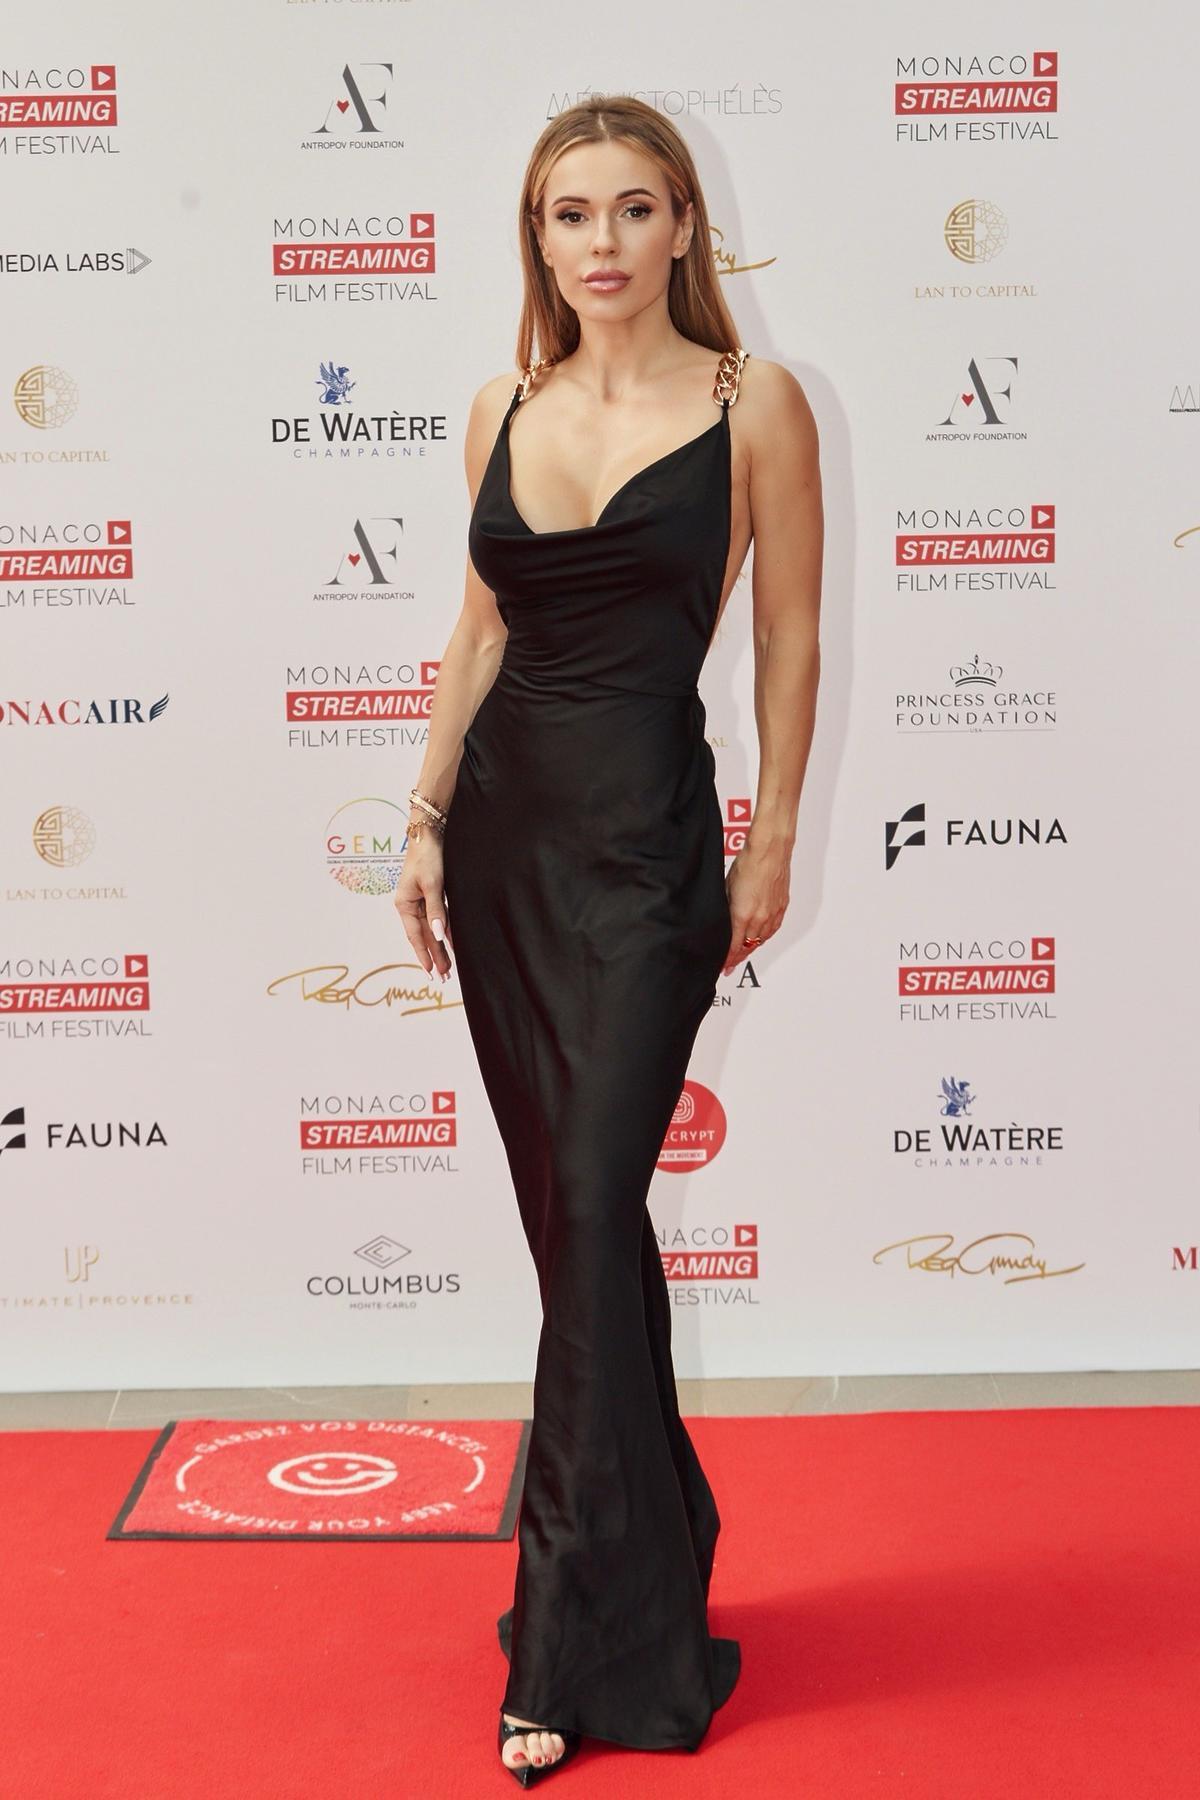 Doda podczas festiwalu w Monaco ogłasza nowy projekt